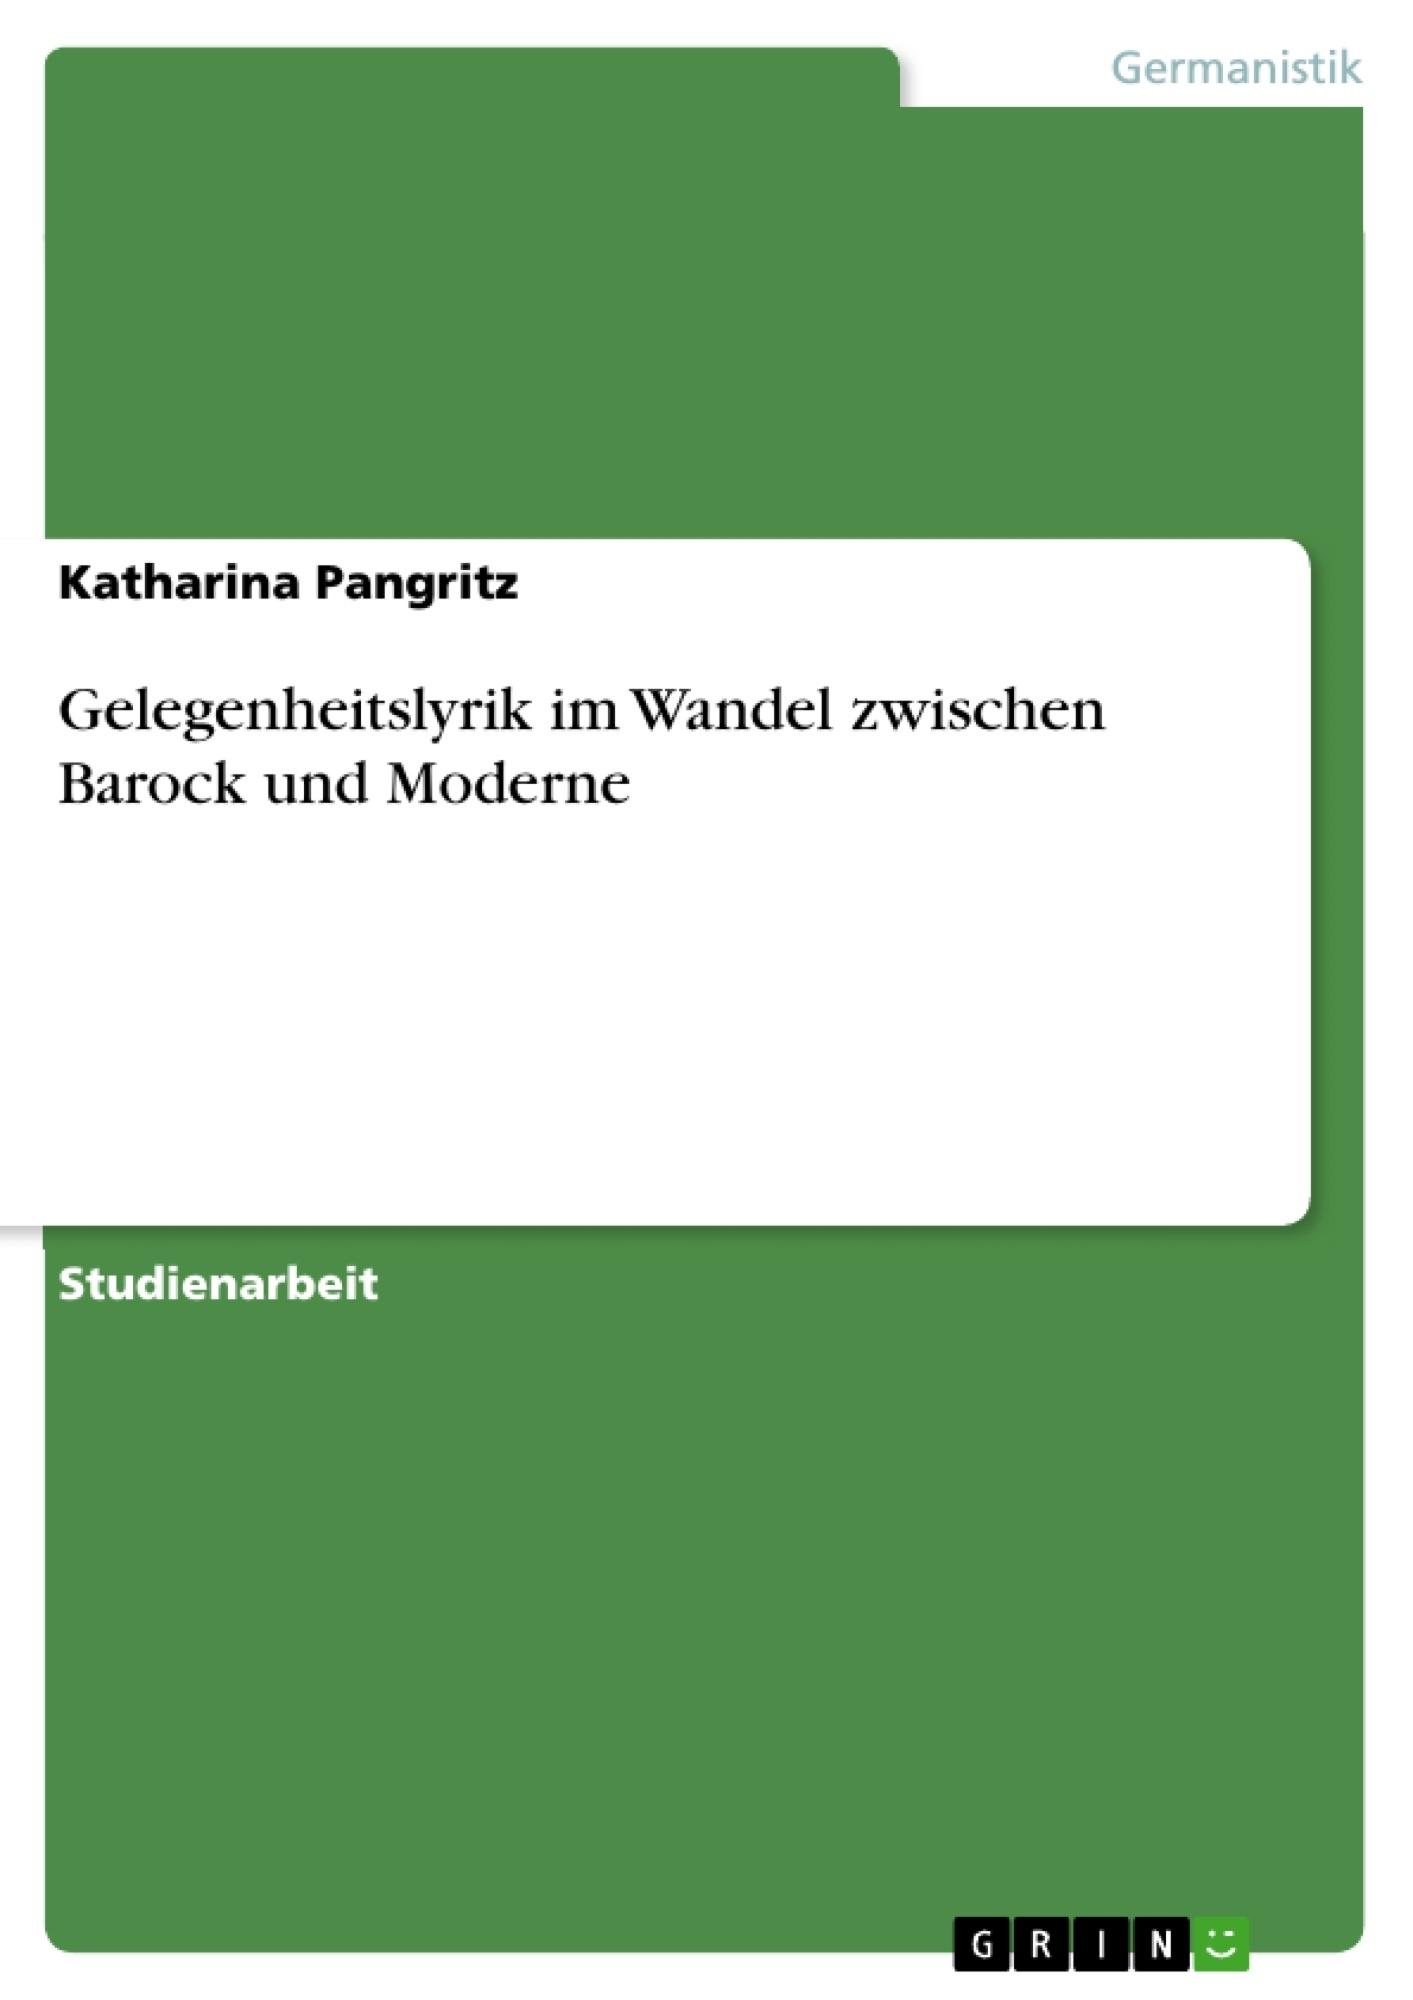 Titel: Gelegenheitslyrik im Wandel zwischen Barock und Moderne